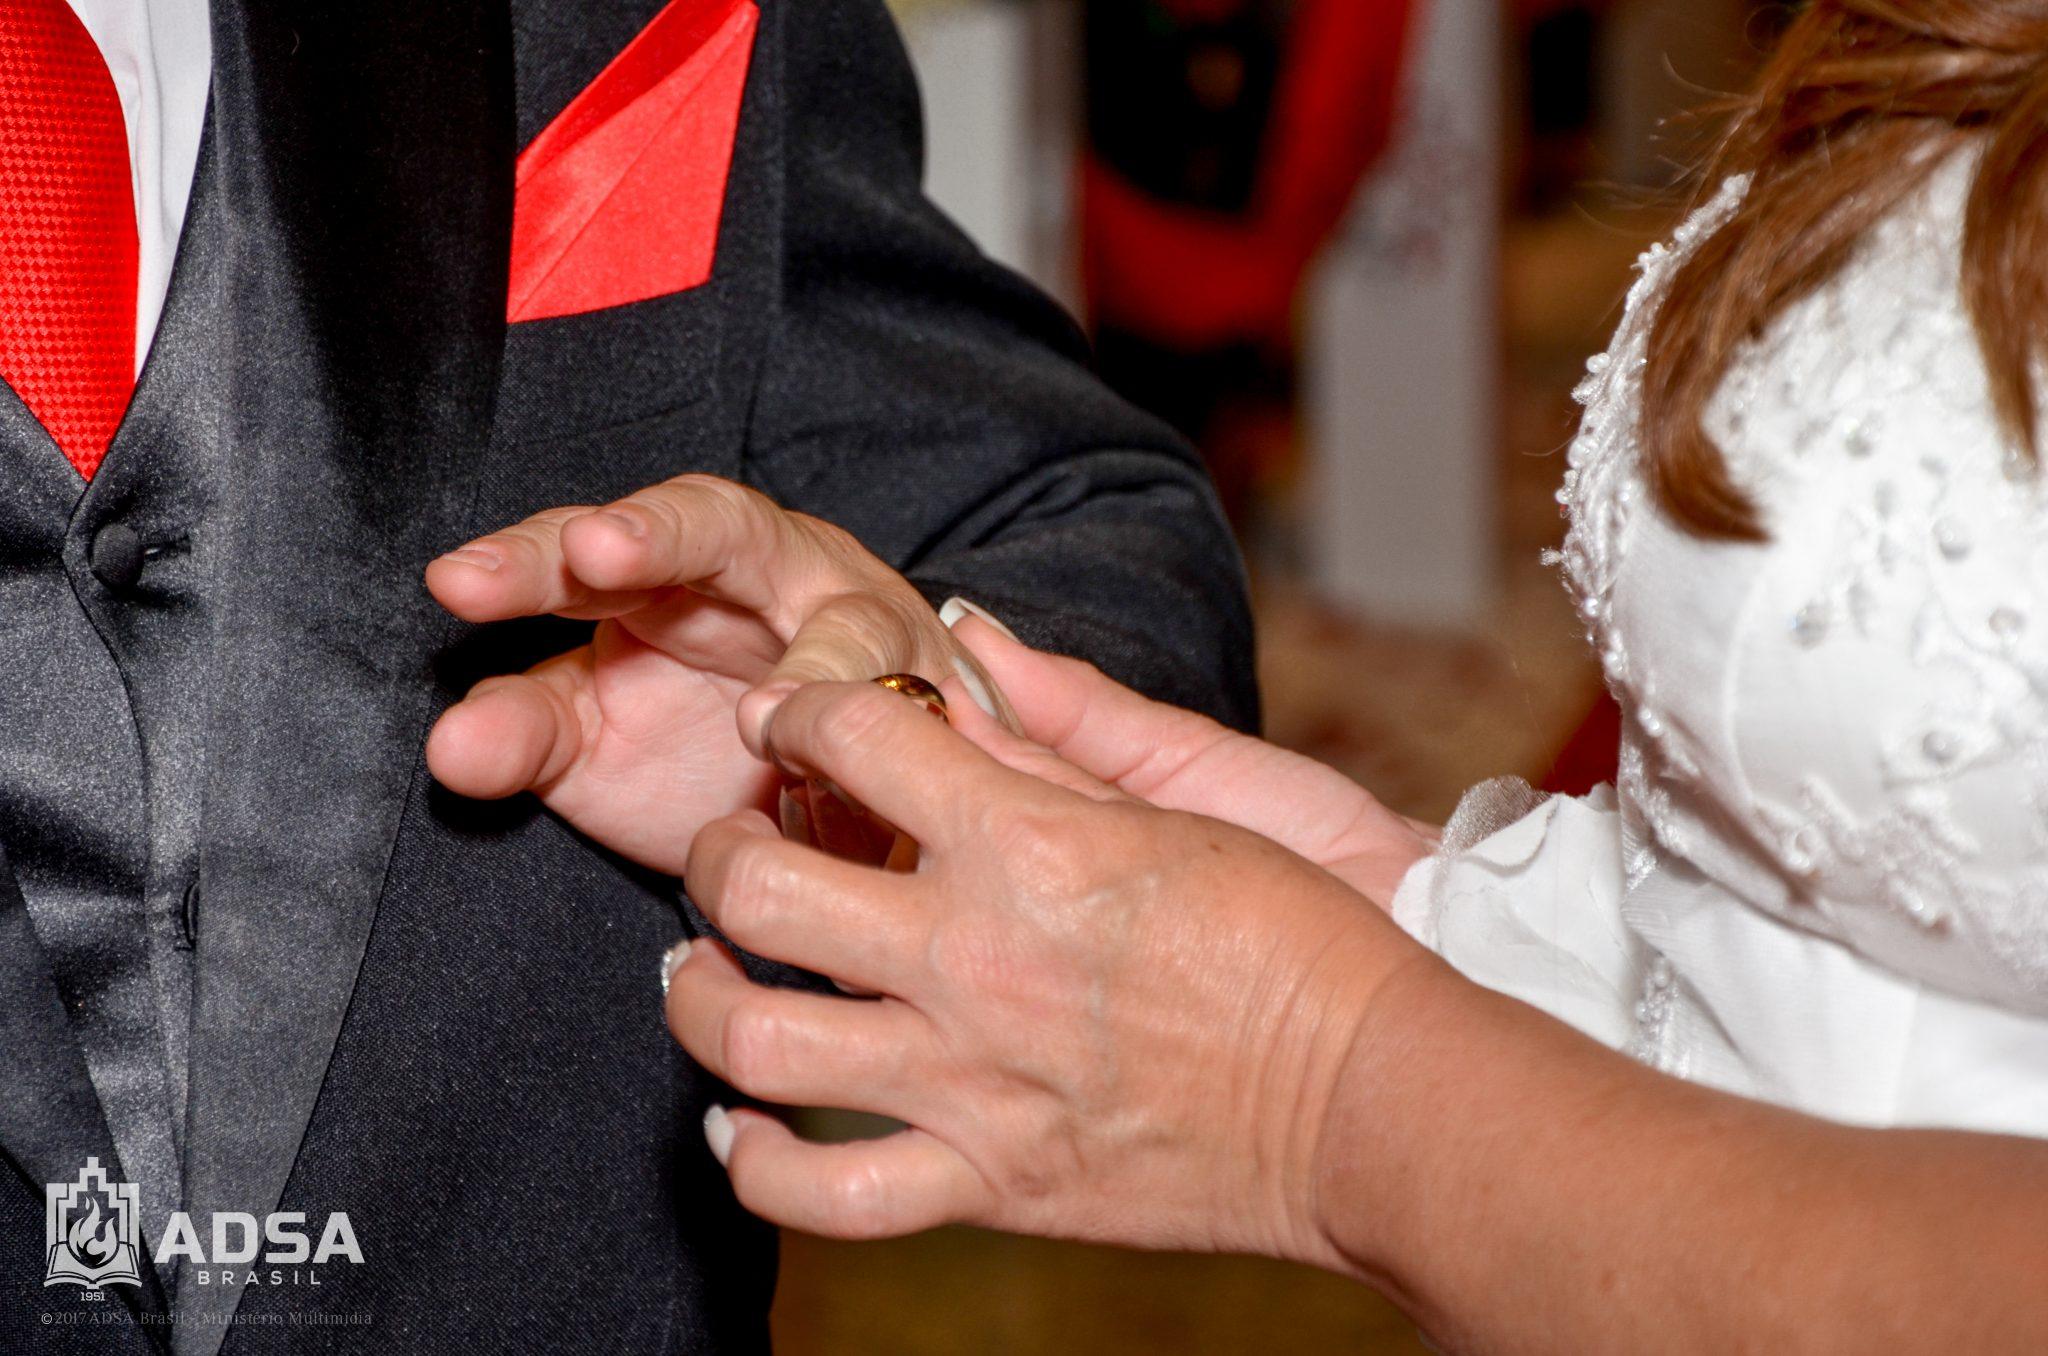 ADSA Brasil consagra união de casais com a realização do 1º casamento comunitário